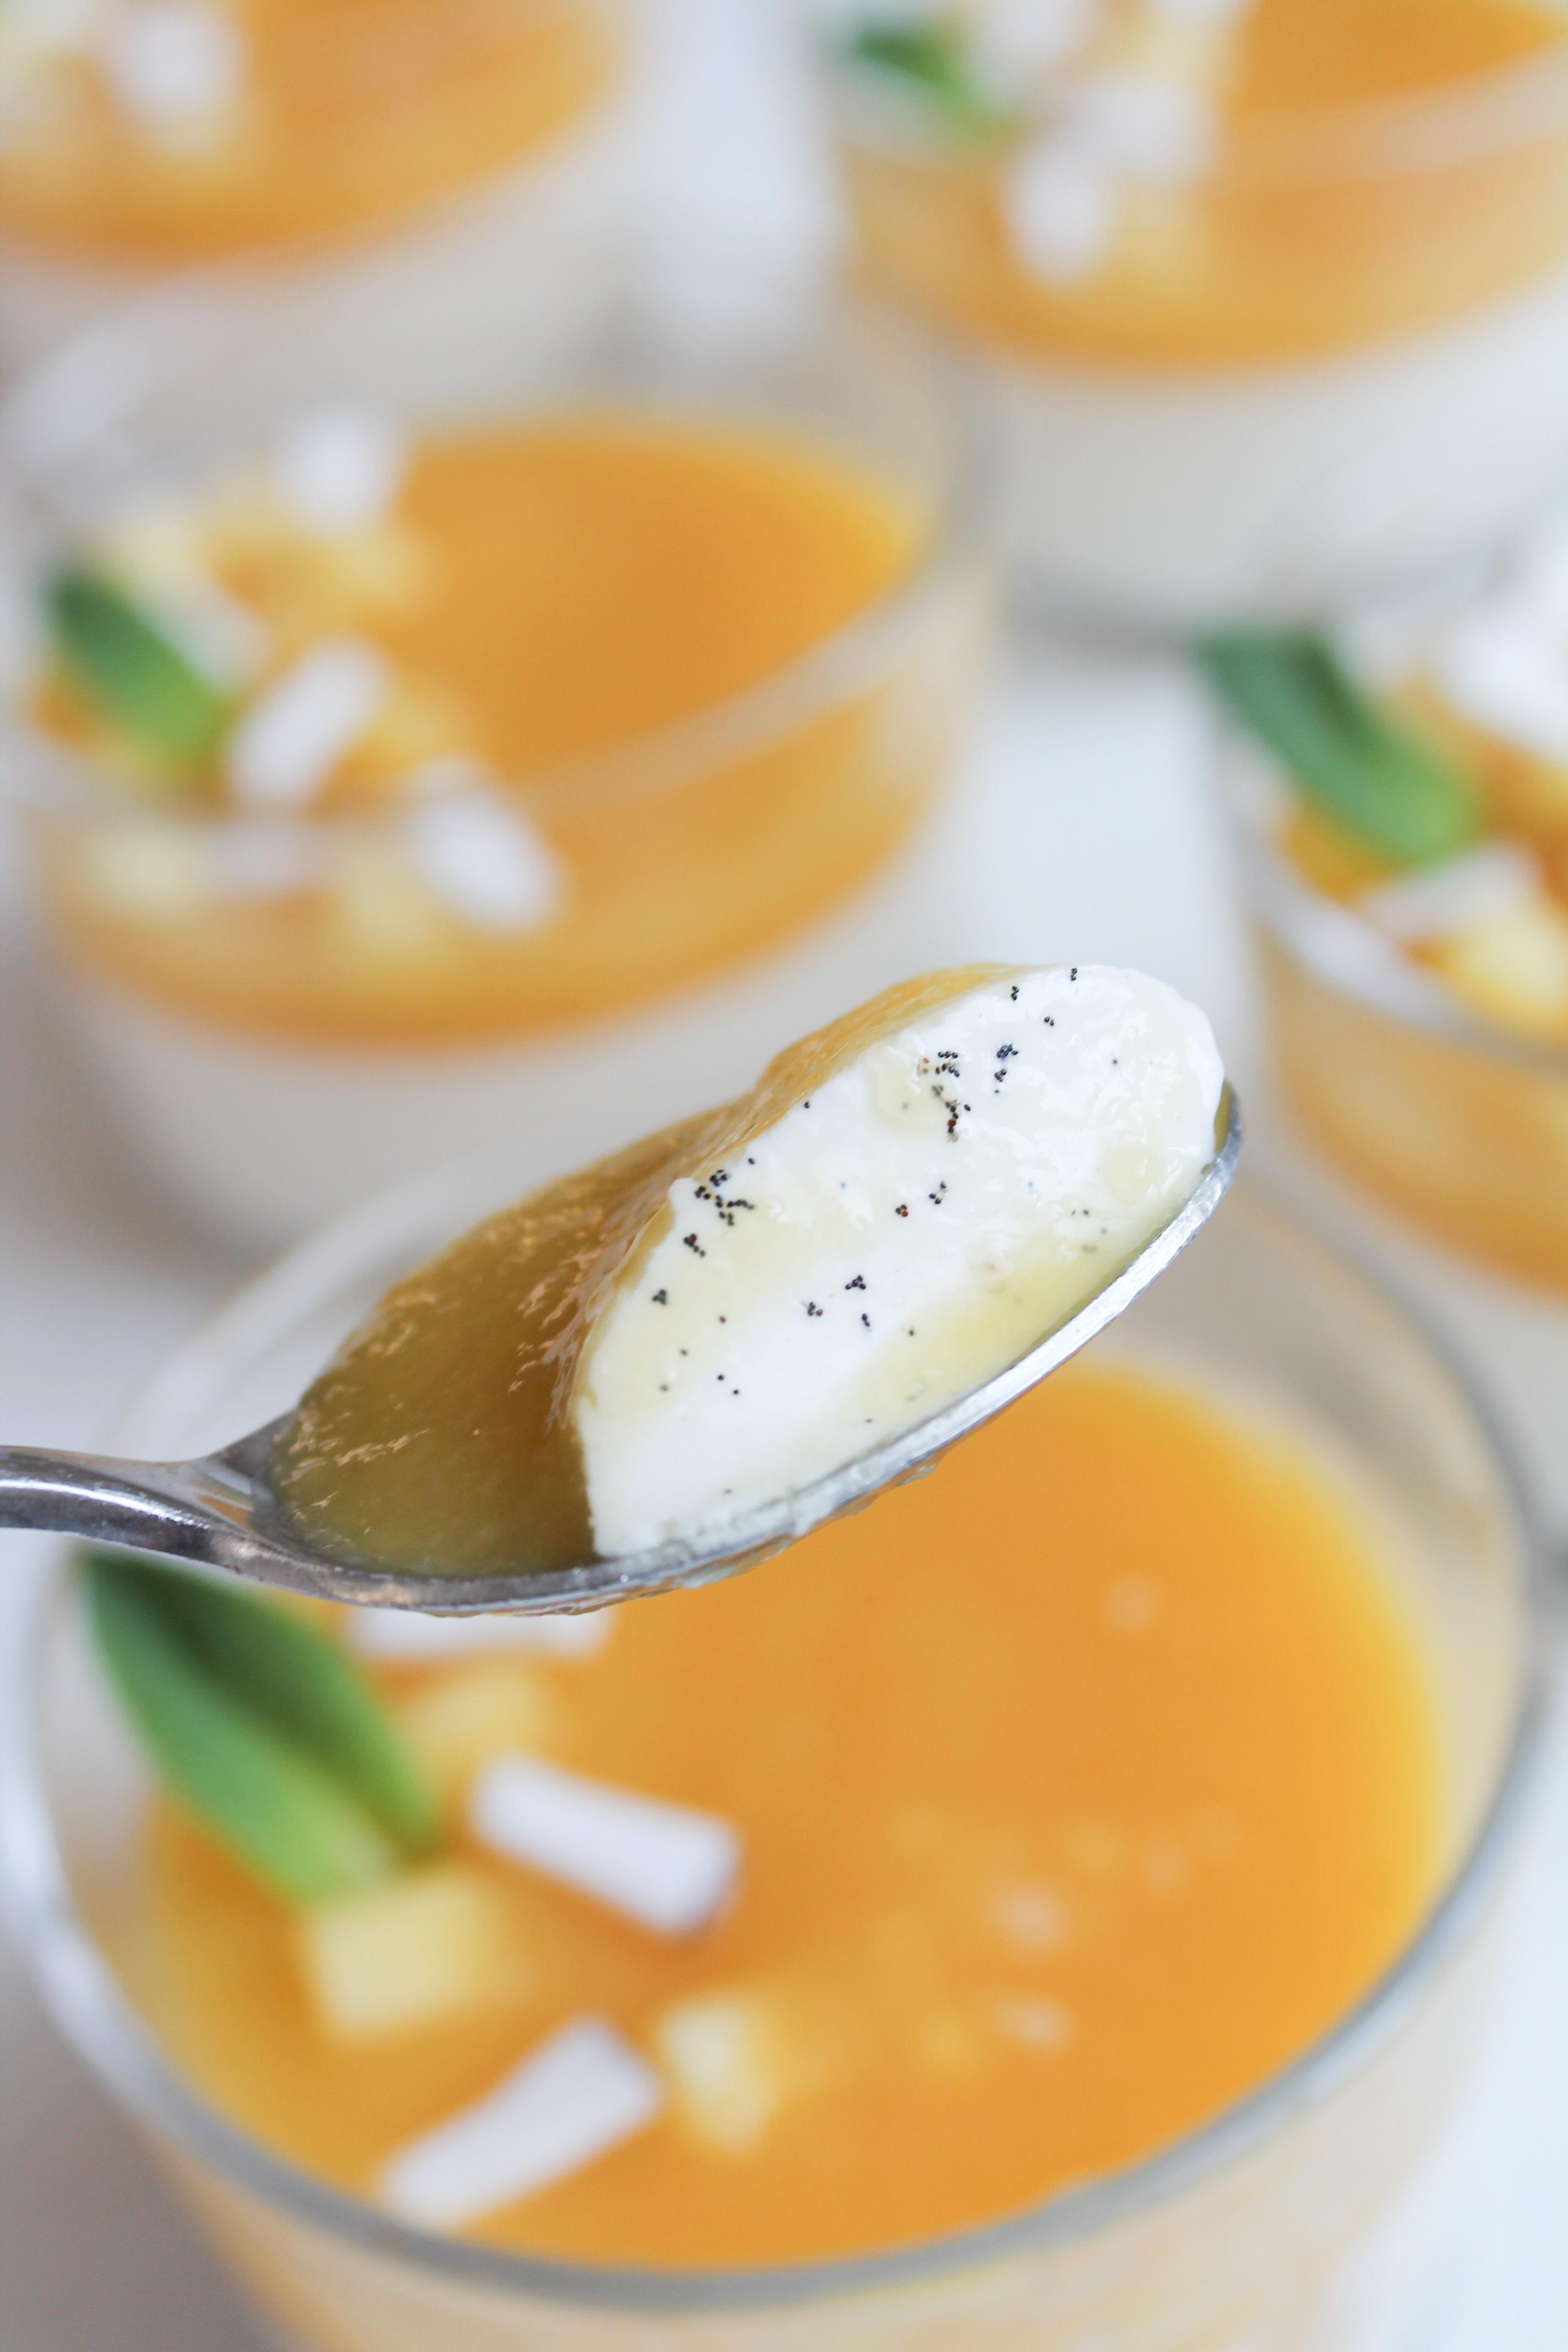 Panna cotta express vanille mangue - Panna cotta sans gelatine ...